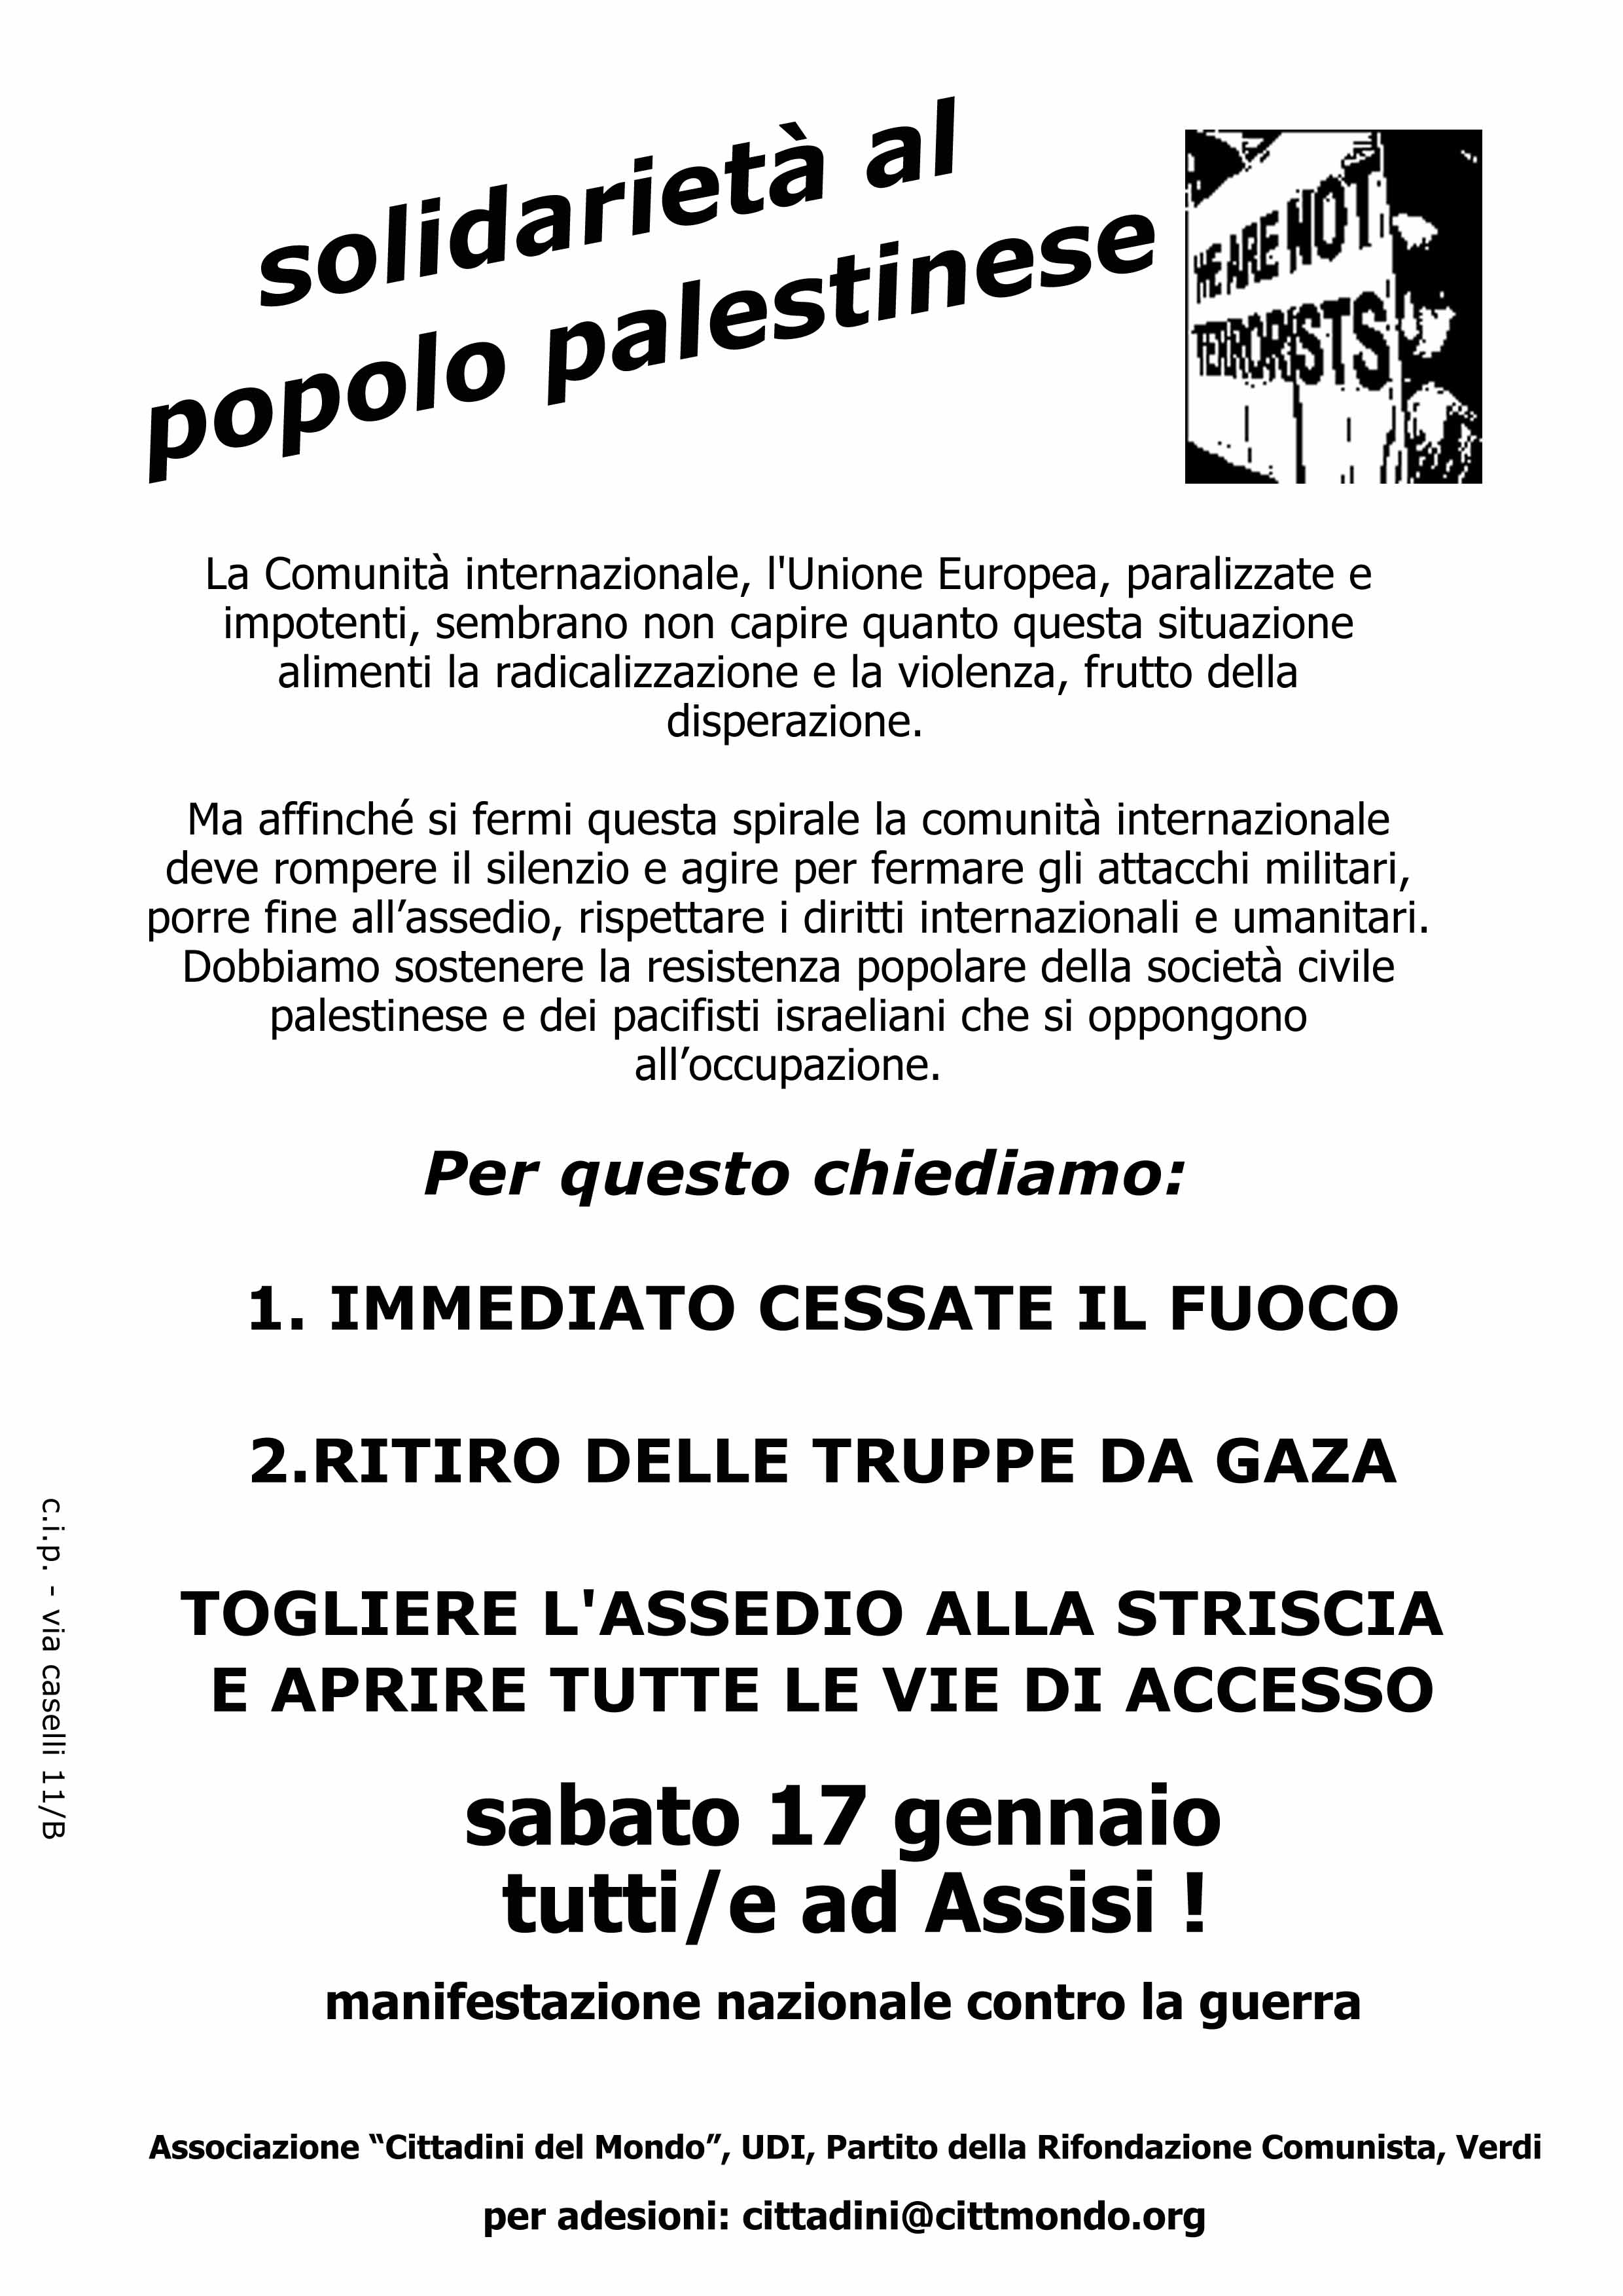 """<div class=""""at-above-post-cat-page addthis_tool"""" data-url=""""http://www.verdi.ferrara.it/sito/2009/01/09/palestina-domani-in-piazza-a-ferrara-sabato-17-tutti-ad-assisi-alla-manifestazione-nazionale/""""></div>I Verdi di Ferrara aderiscono alle iniziative locali in solidarietà con il popolo palestinese con la richiesta di un immediate cessate il fuoco e la riapertura del dialogo. Per questo […]<!-- AddThis Advanced Settings above via filter on get_the_excerpt --><!-- AddThis Advanced Settings below via filter on get_the_excerpt --><!-- AddThis Advanced Settings generic via filter on get_the_excerpt --><!-- AddThis Share Buttons above via filter on get_the_excerpt --><!-- AddThis Share Buttons below via filter on get_the_excerpt --><div class=""""at-below-post-cat-page addthis_tool"""" data-url=""""http://www.verdi.ferrara.it/sito/2009/01/09/palestina-domani-in-piazza-a-ferrara-sabato-17-tutti-ad-assisi-alla-manifestazione-nazionale/""""></div><!-- AddThis Share Buttons generic via filter on get_the_excerpt -->"""